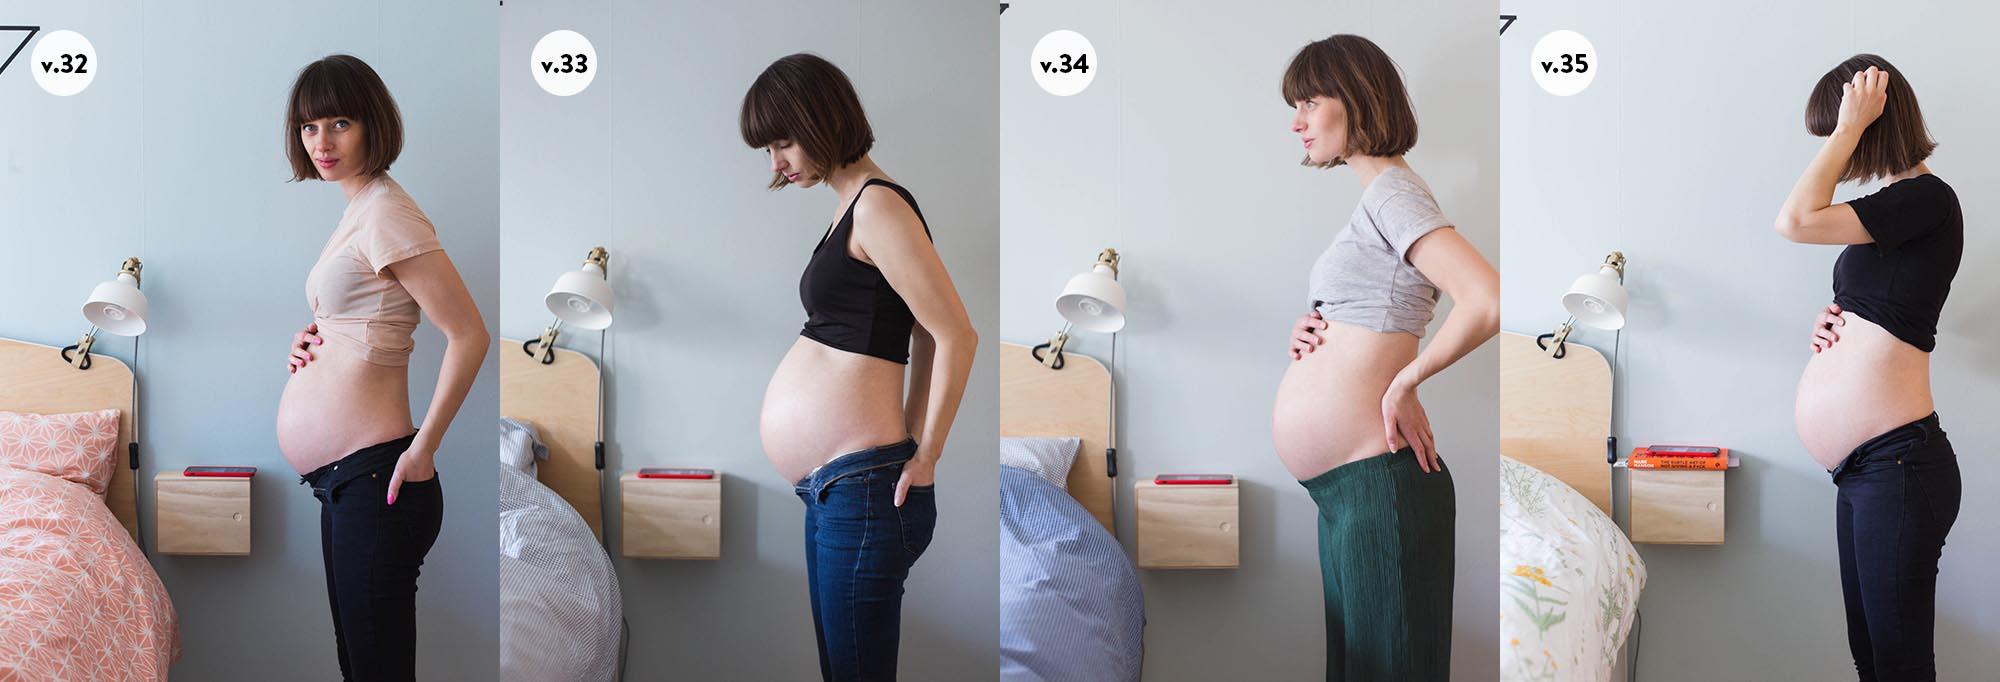 Gravid magen v32 - v35